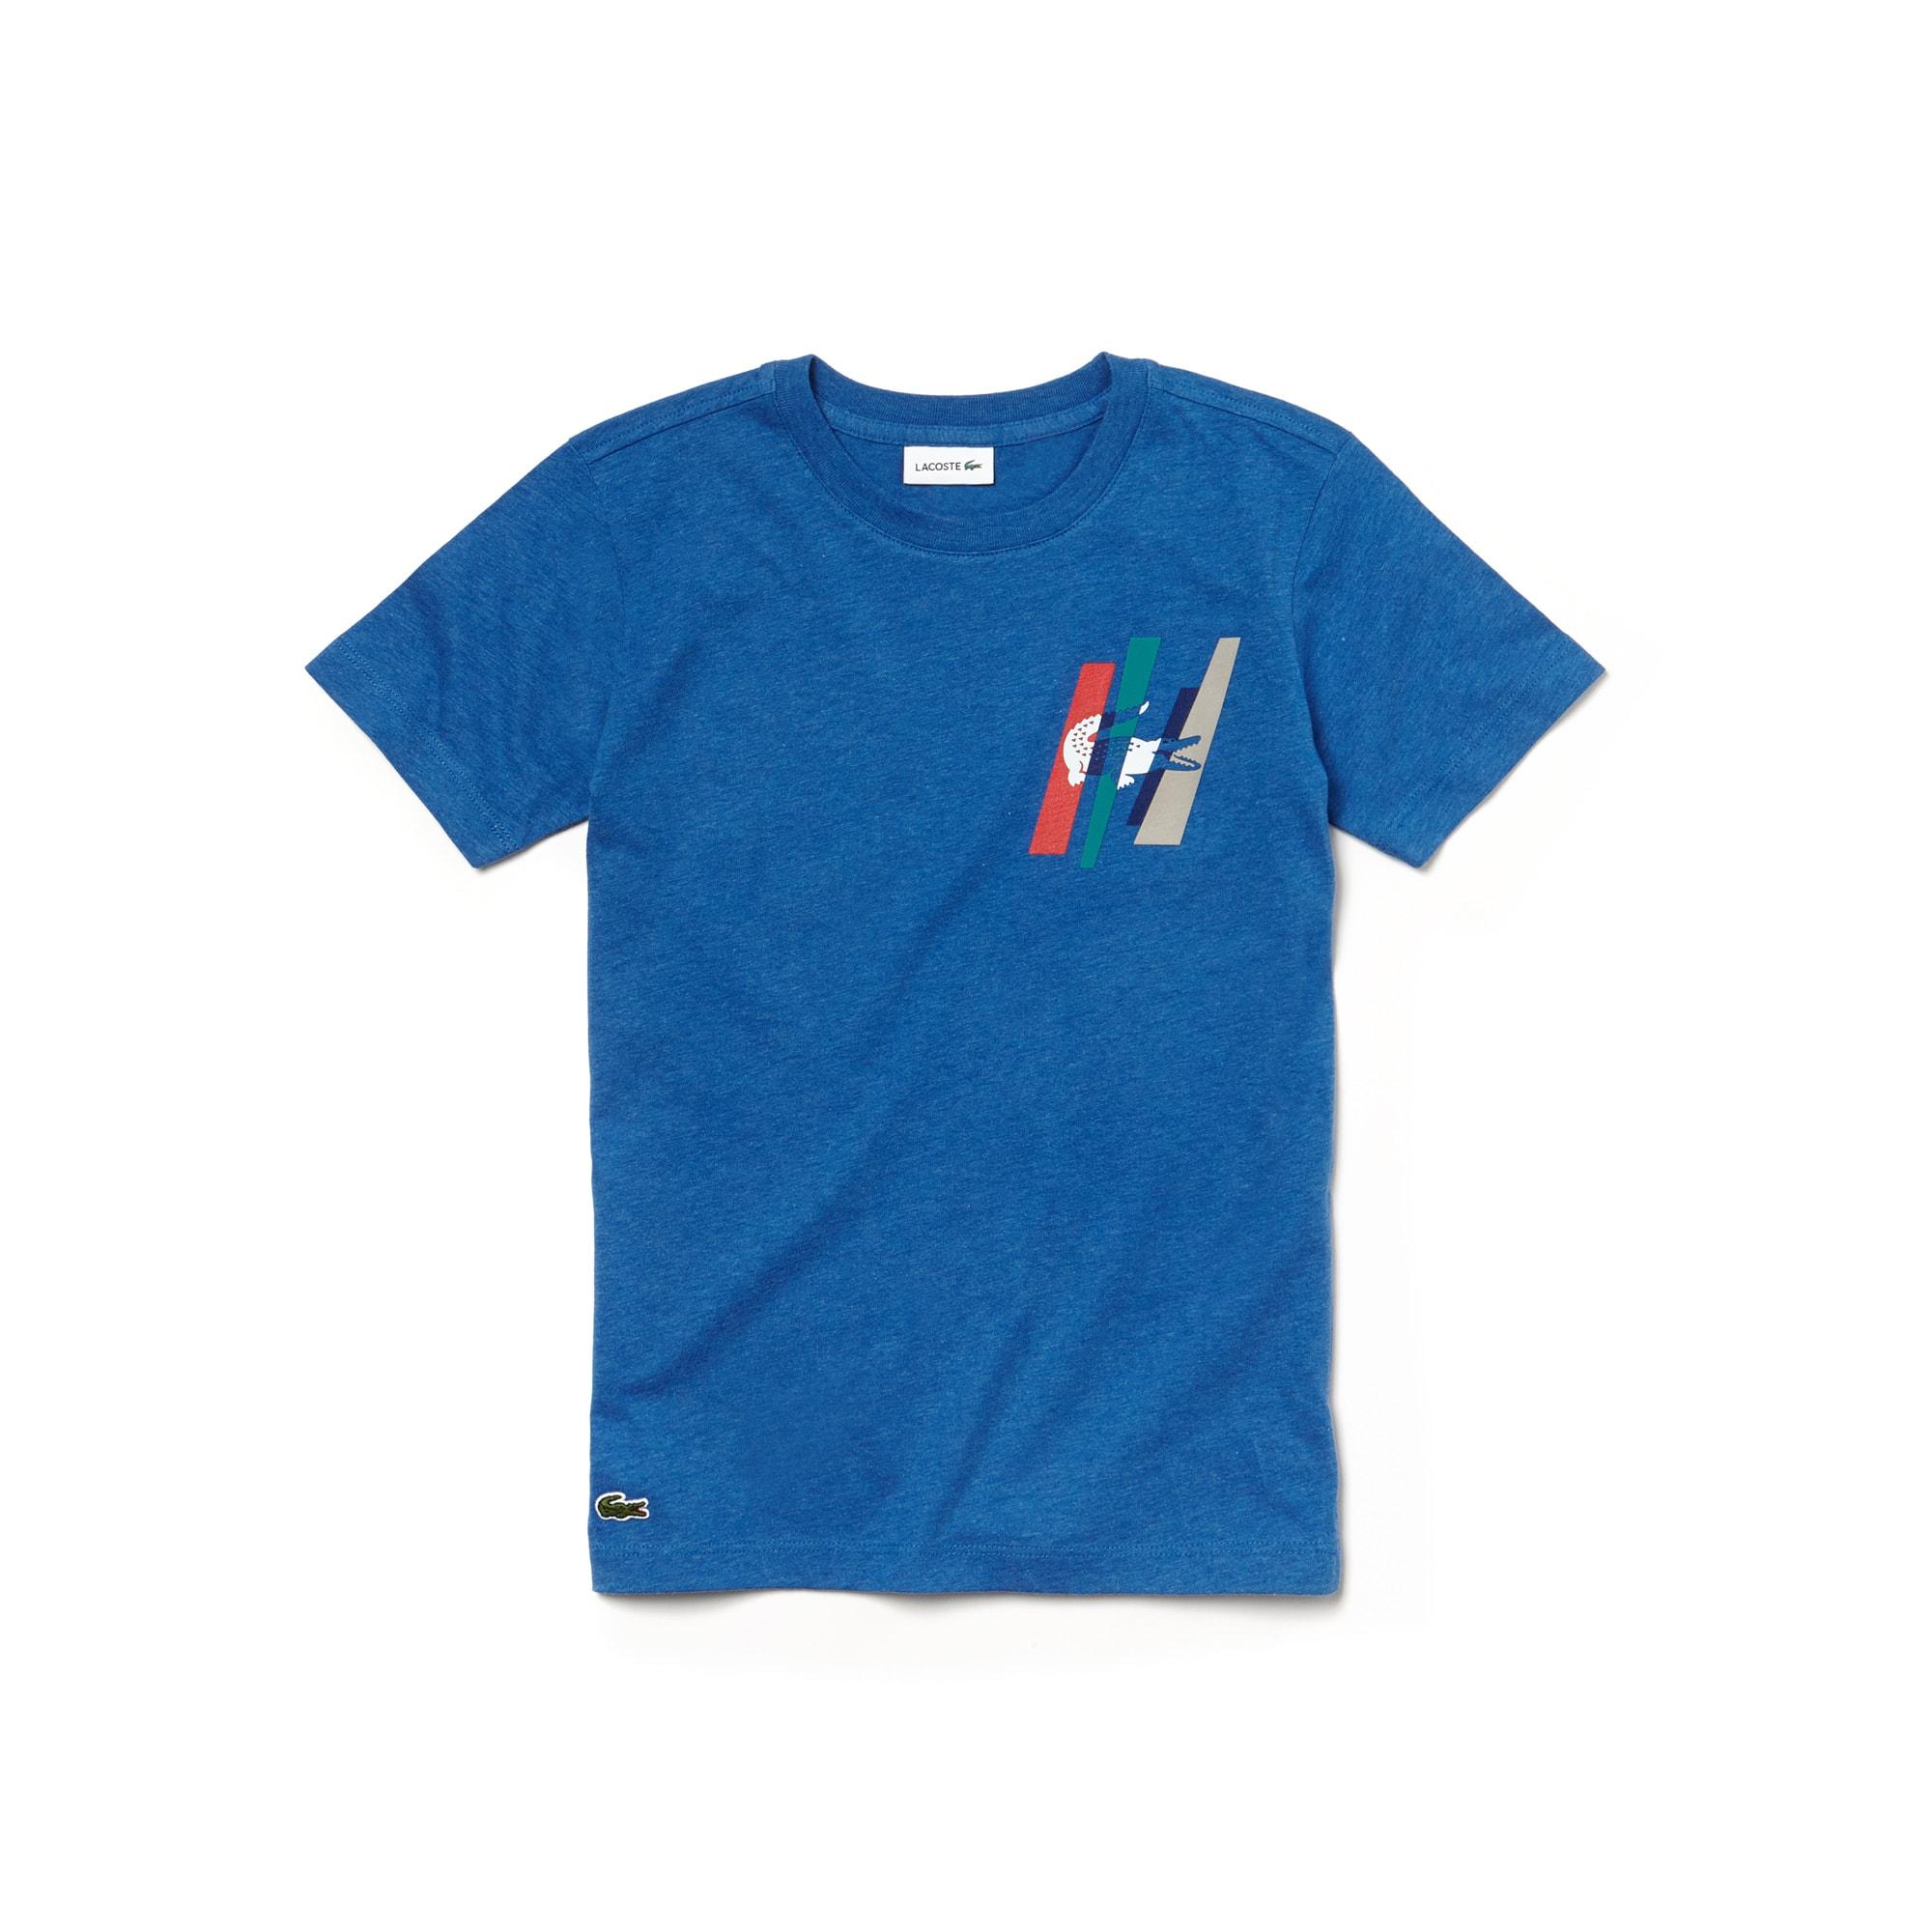 Camiseta De Niño En Tejido De Punto Con Diseño De Cocodrilo Y Cuello Redondo